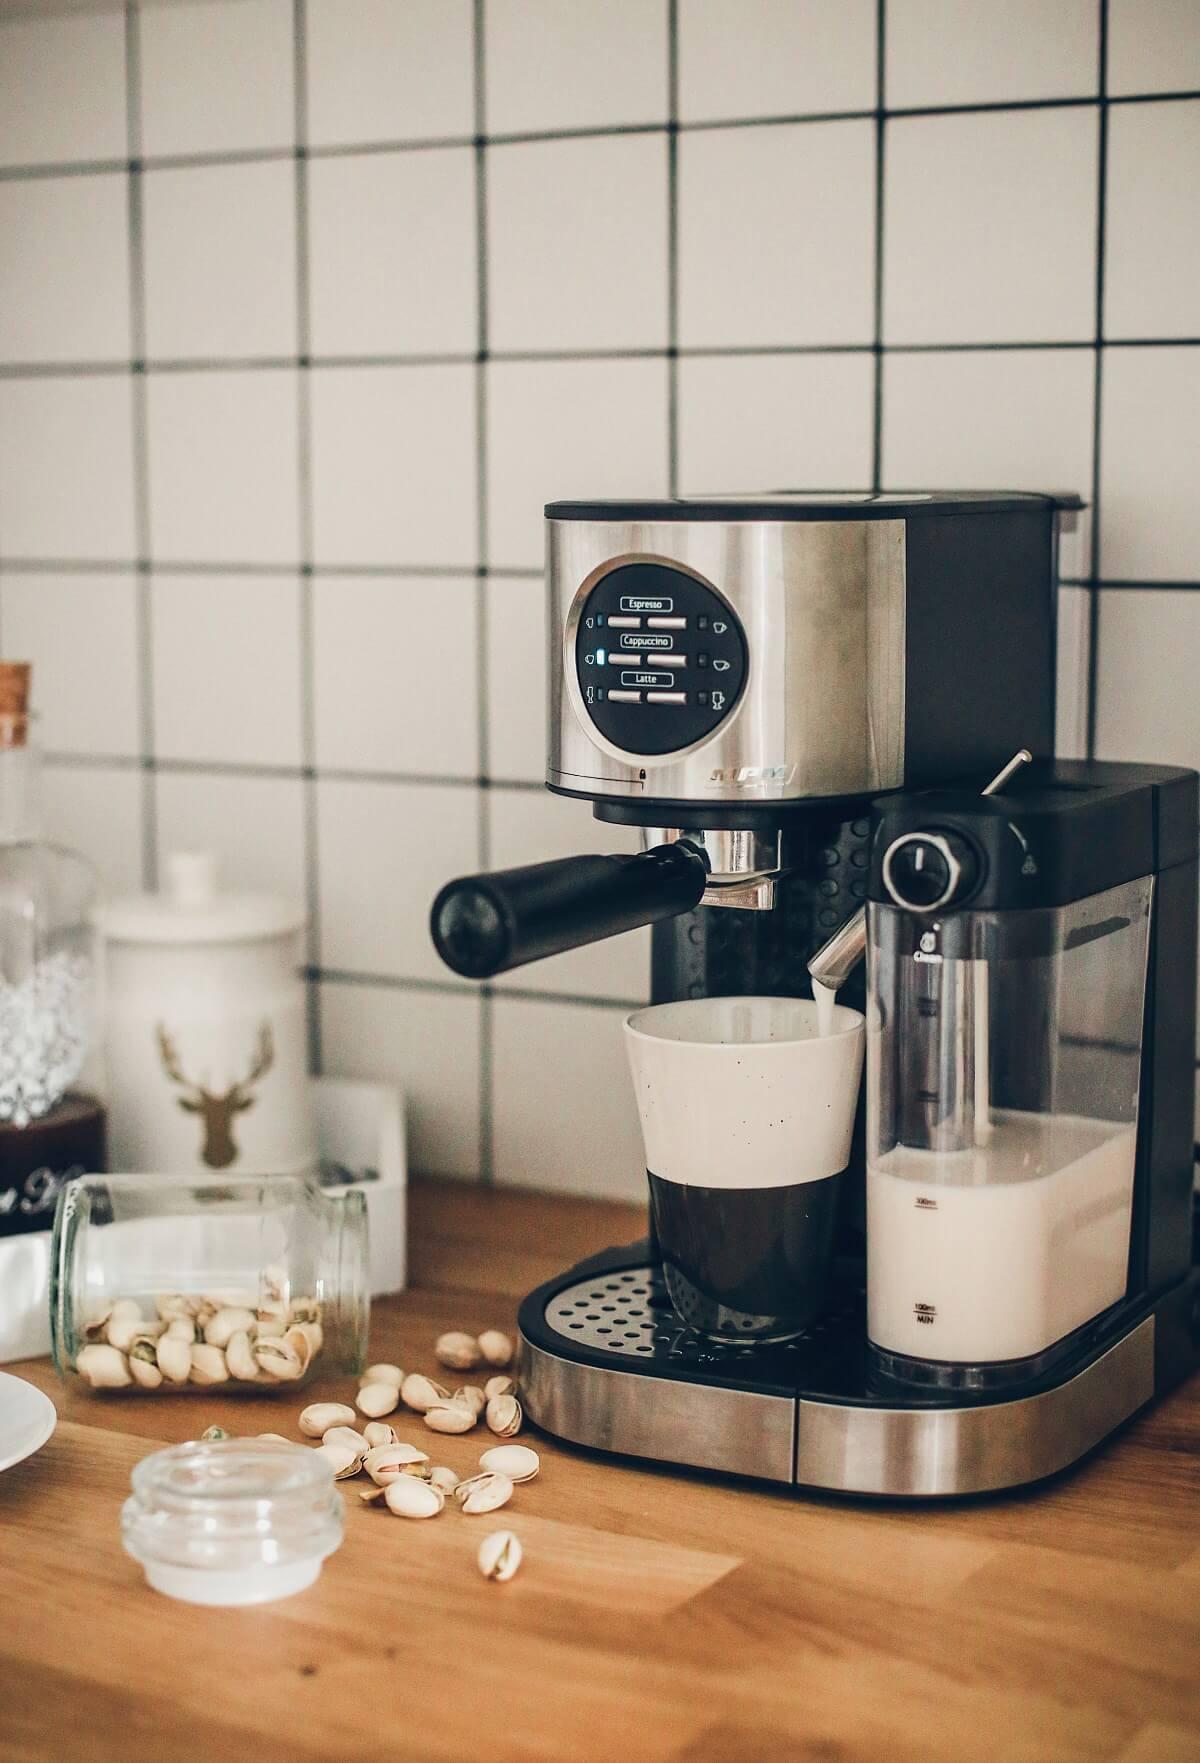 ekspres mpm przepis na świąteczną kawę